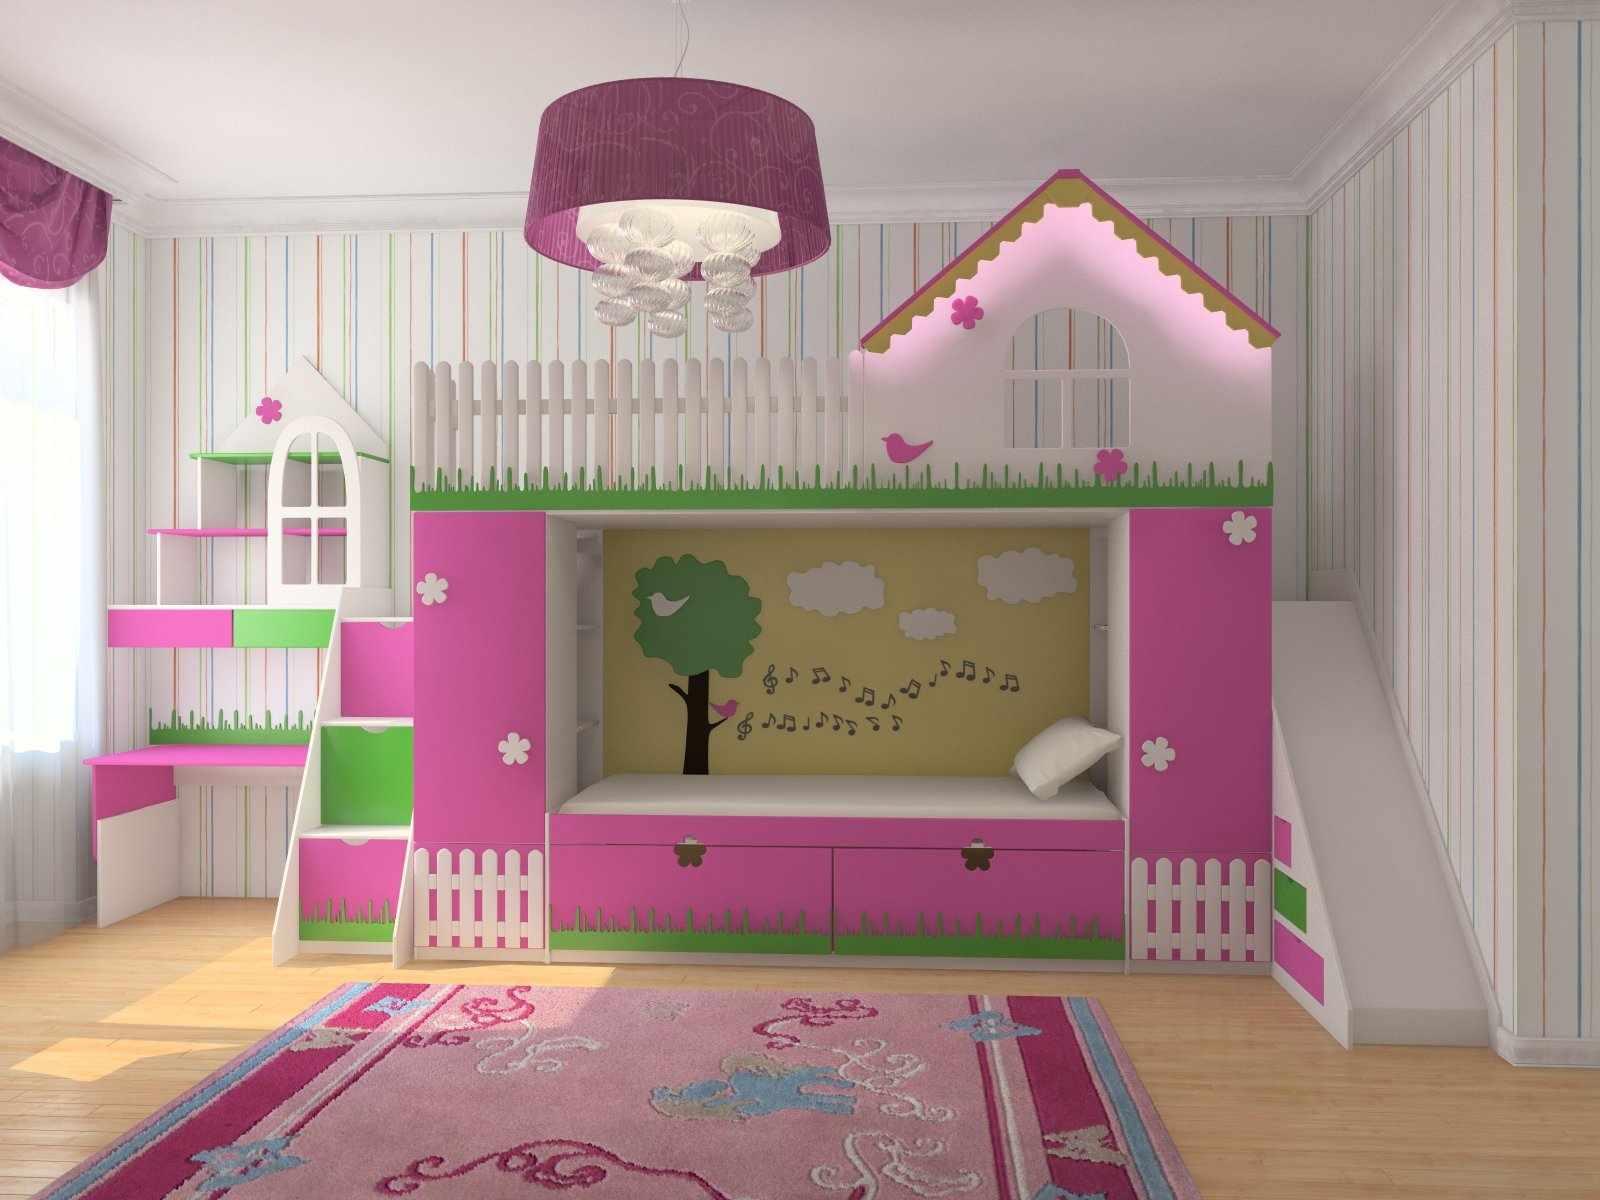 Двухъярусная кровать в романтическом стиле